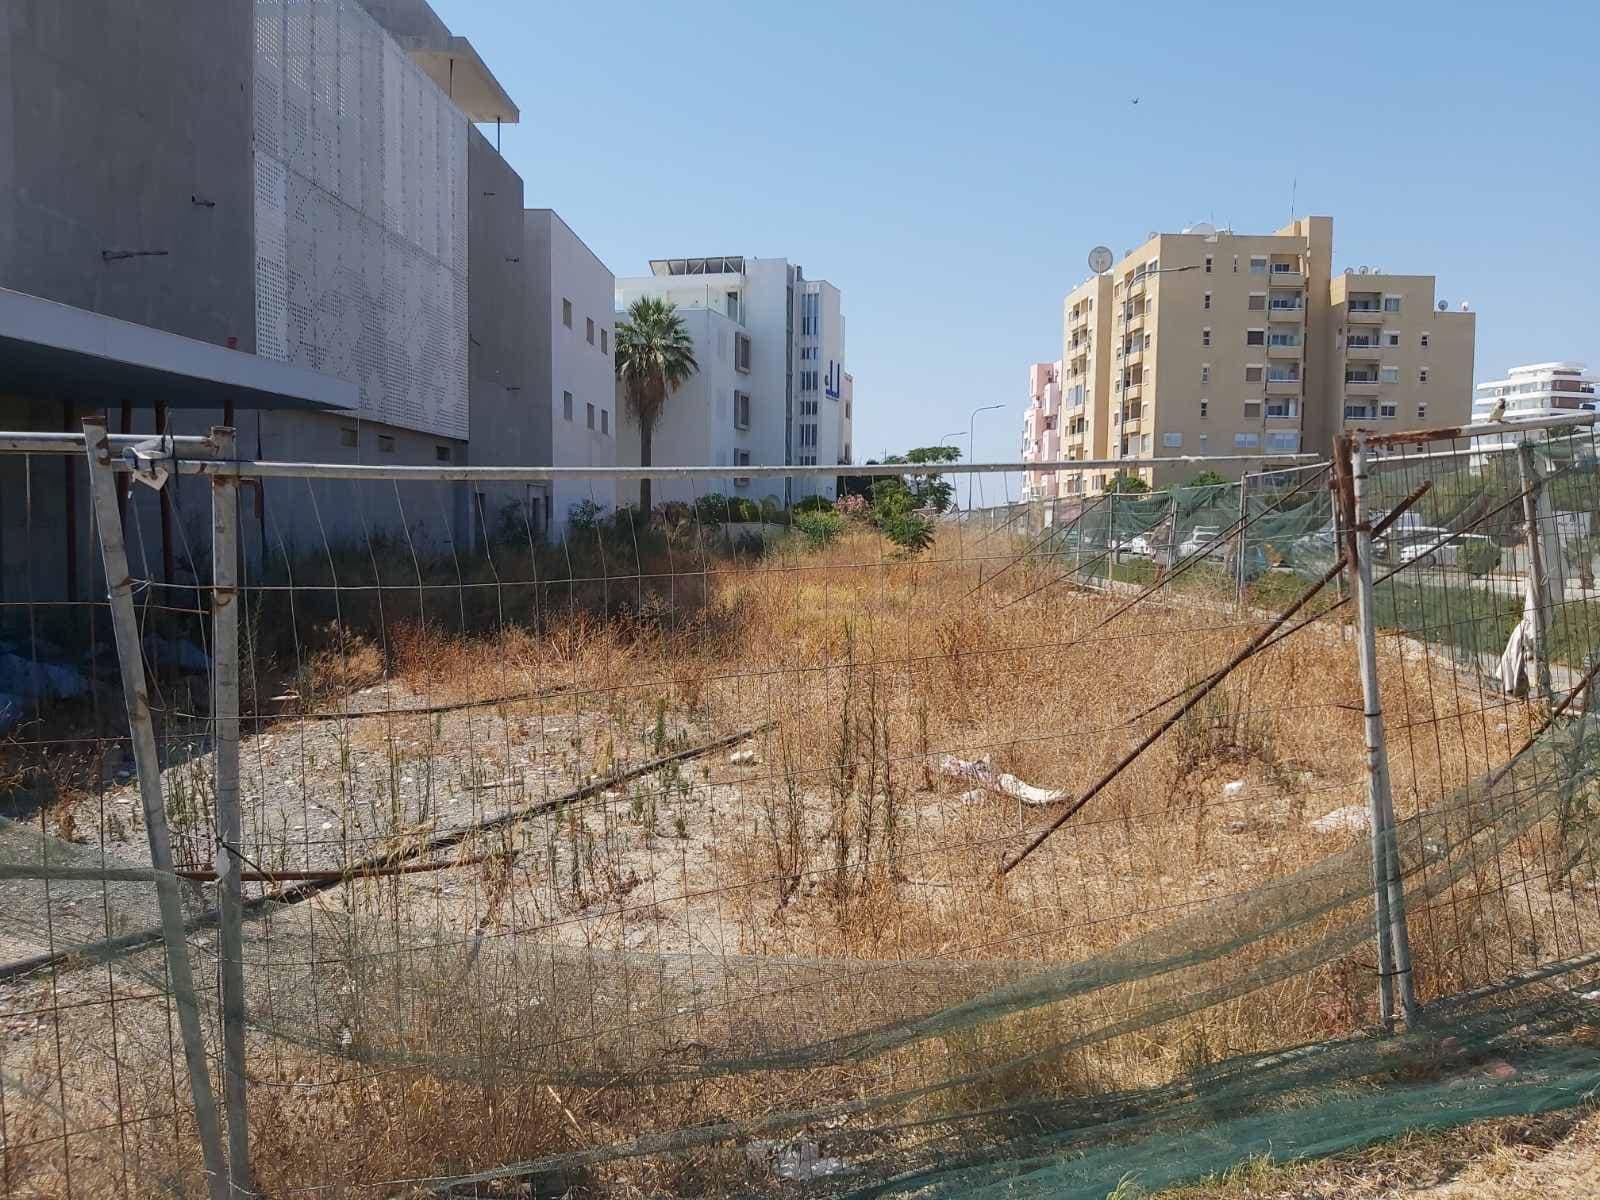 Αγριόχορτα, ακαθαρσίες, τρωκτικά σε απόσταση αναπνοής από παραλίες και ξενοδοχεία